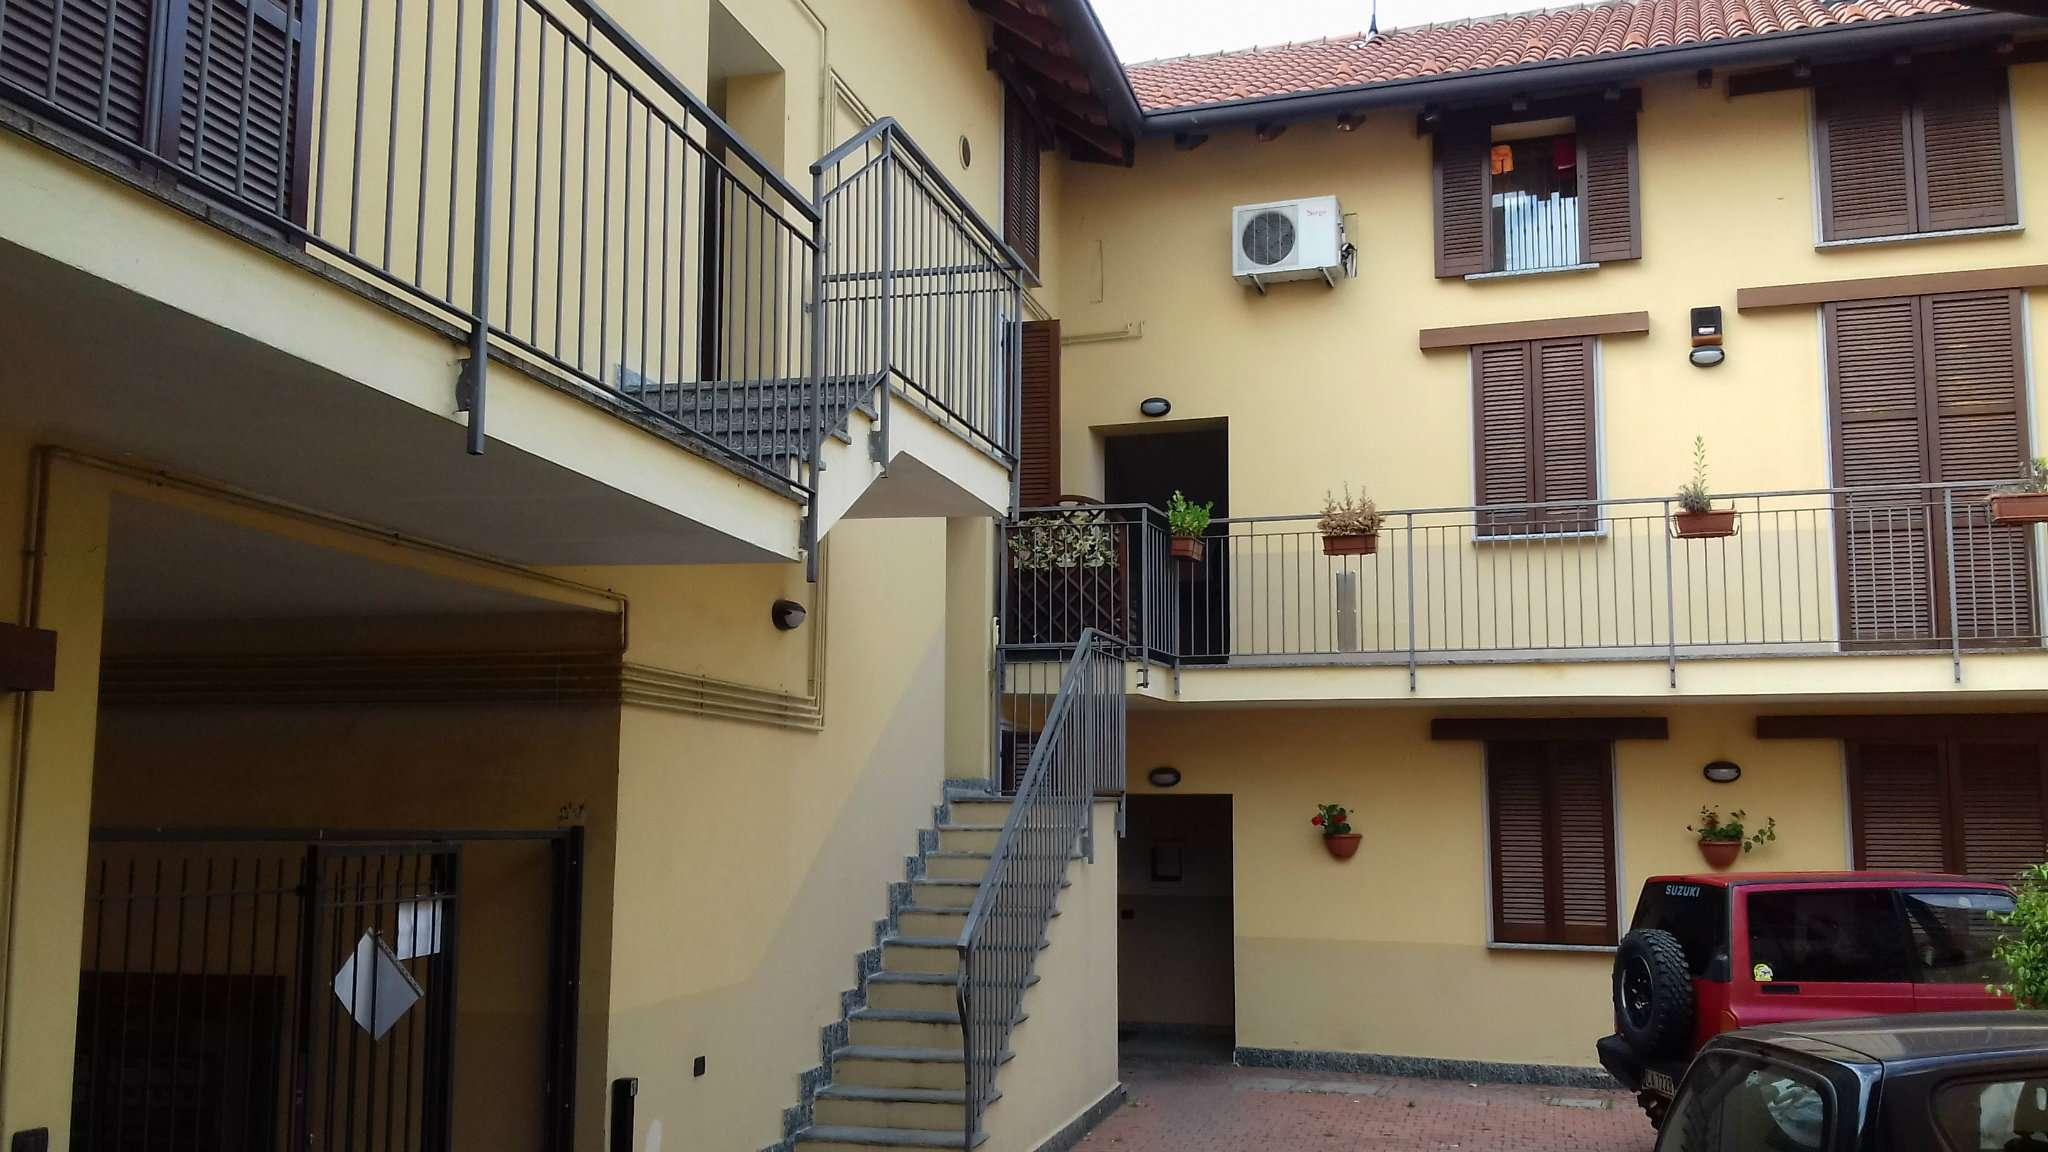 Appartamento in vendita a Caronno Pertusella, 2 locali, prezzo € 84.000 | PortaleAgenzieImmobiliari.it